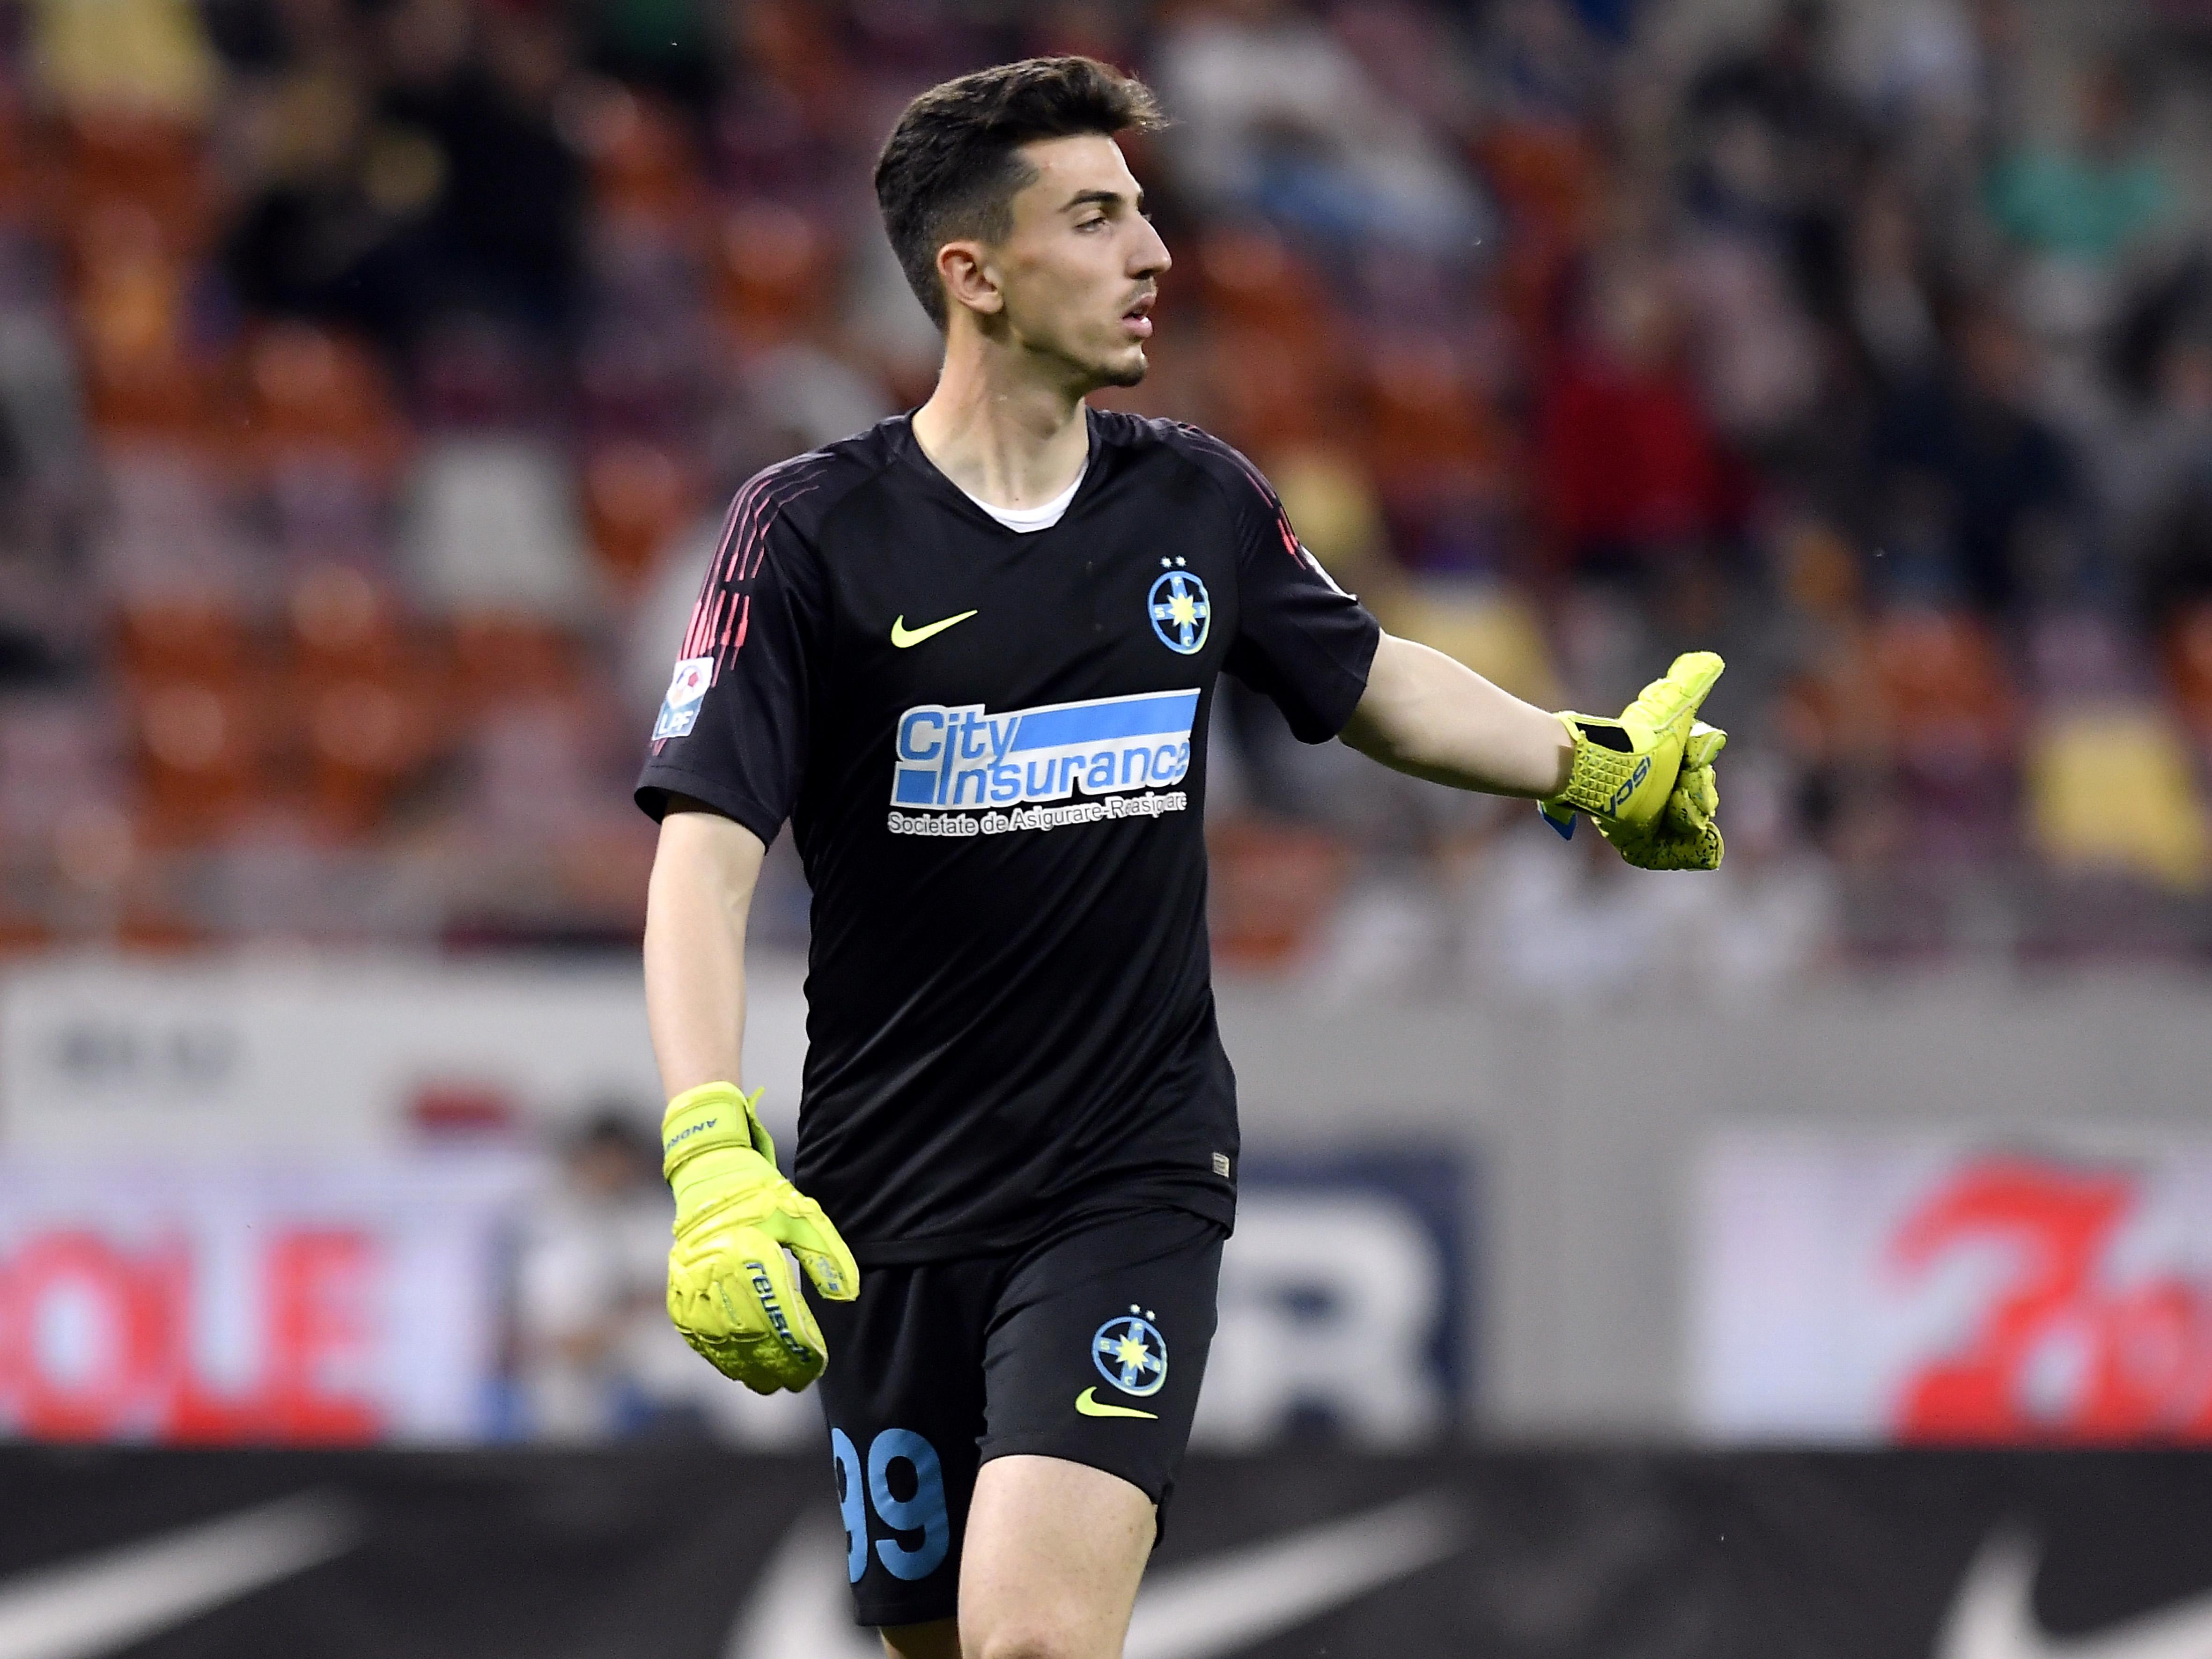 Andrei Vlad a fost ironizat de fani înainte de FCSB - Poli Iaşi (sursă foto: sportpictures.eu)